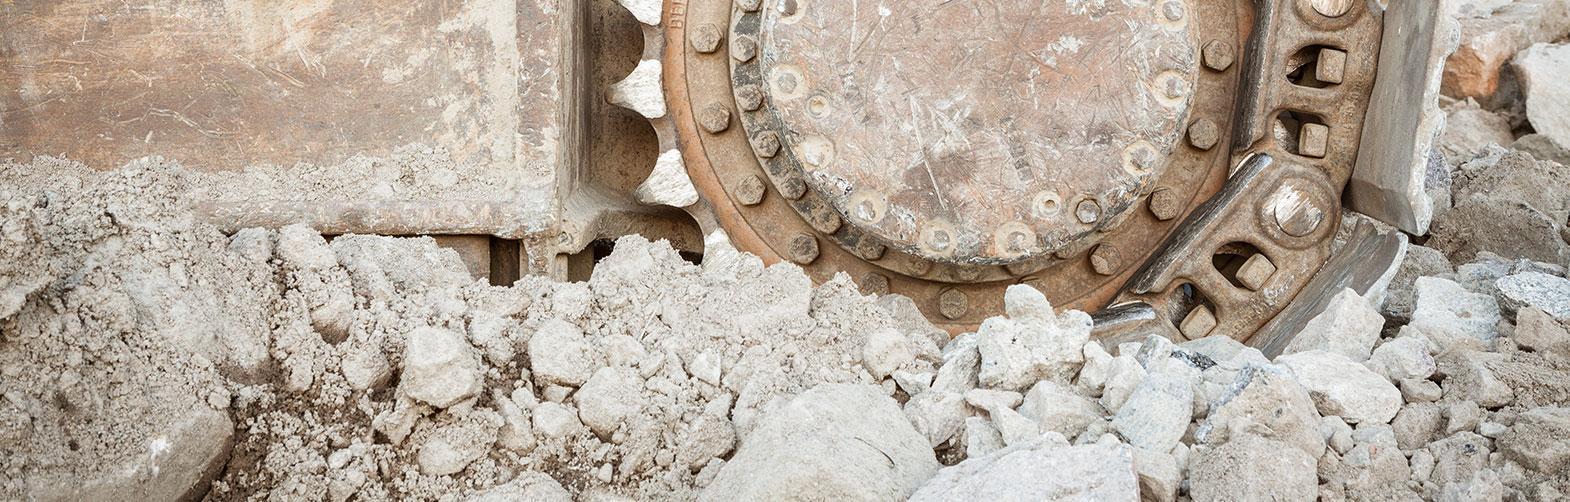 bouwmaterialen_0.jpg